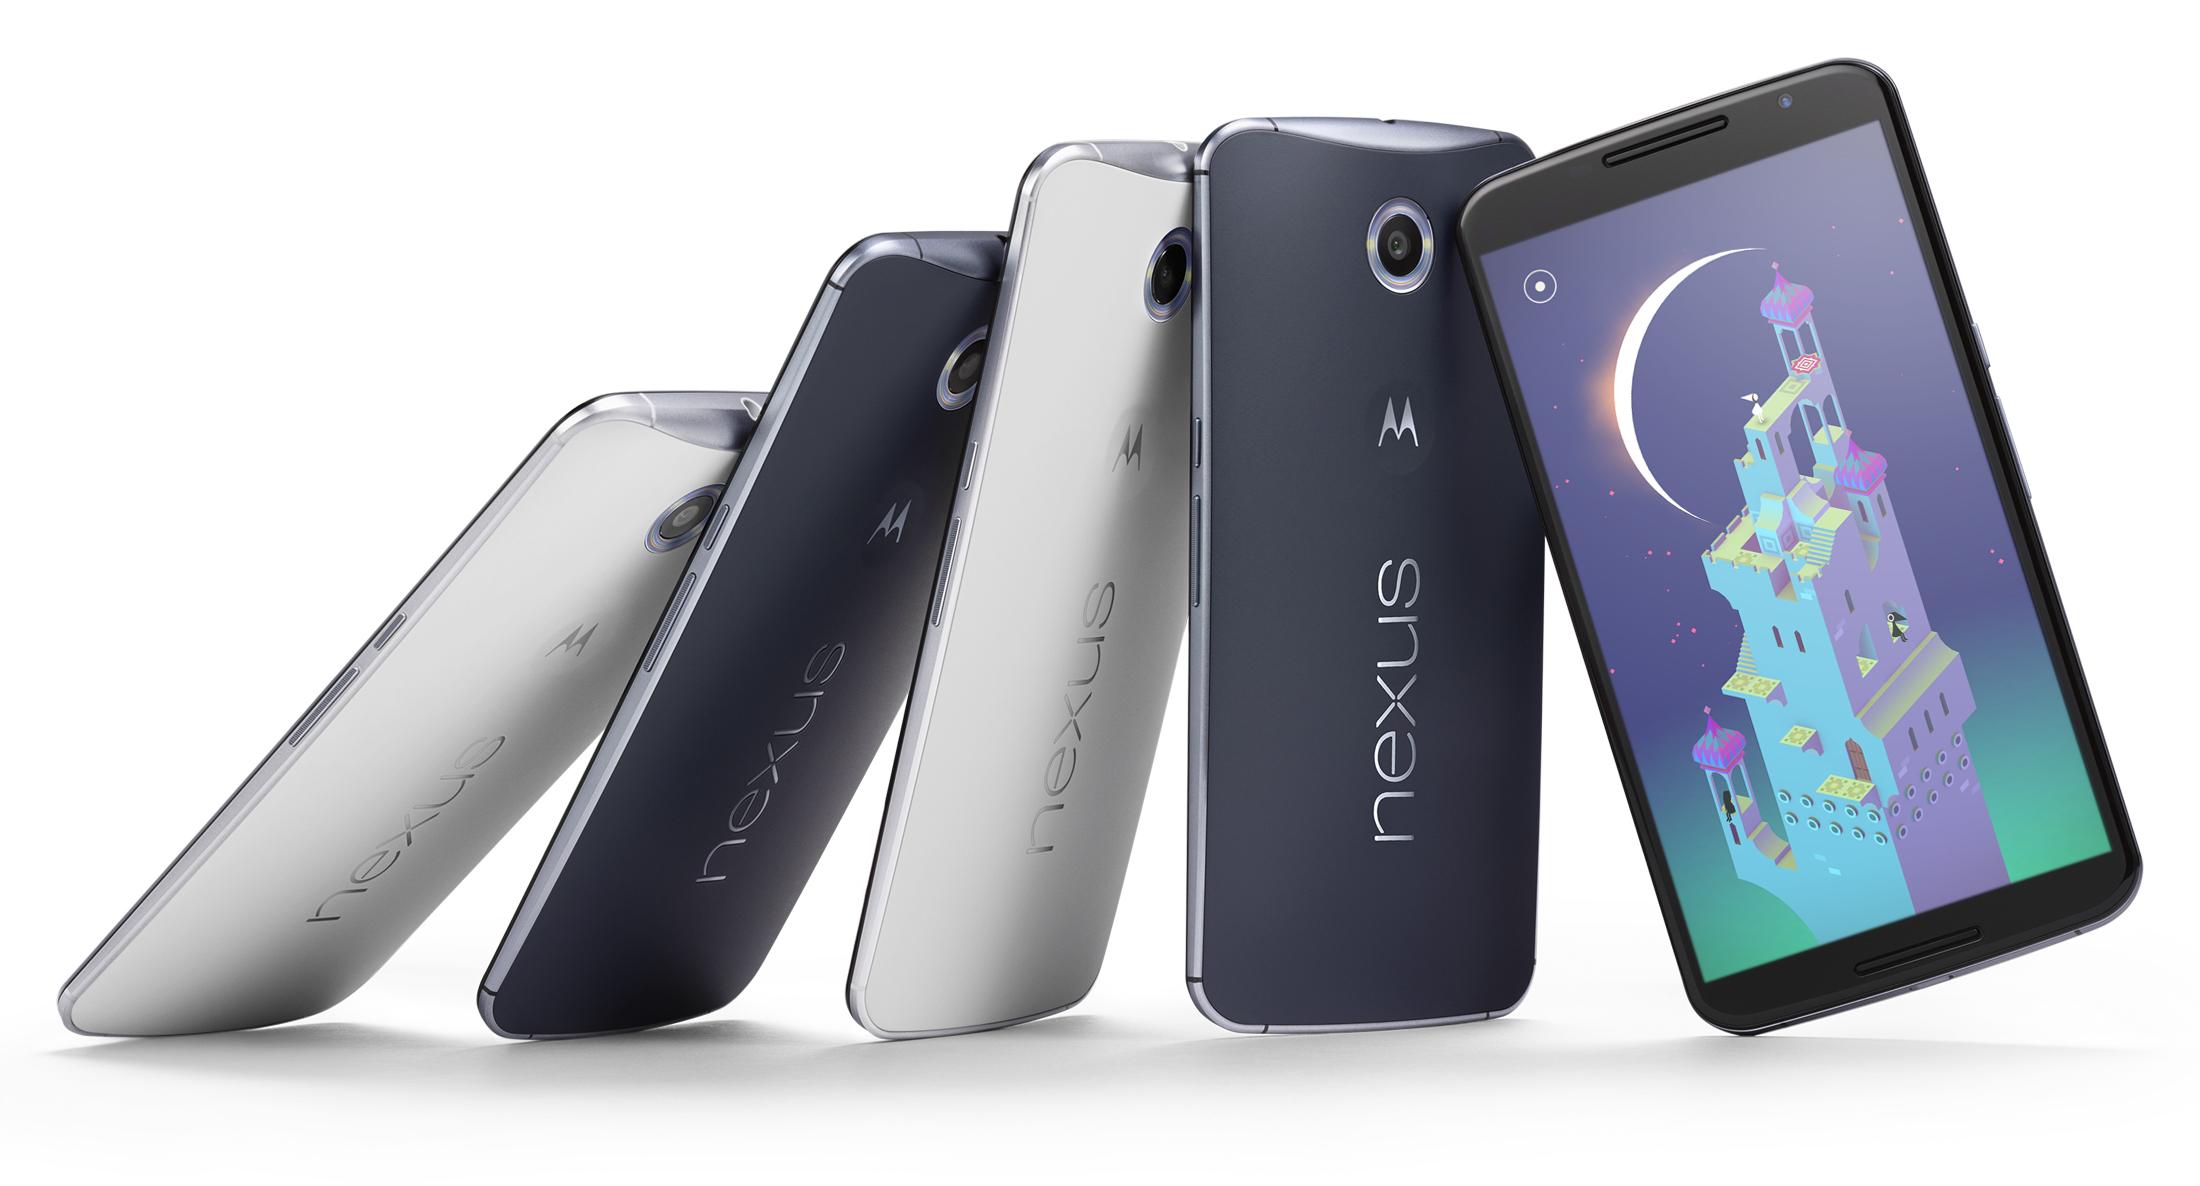 Nexus 6 vs. Nexus 5 vs. Nexus 4